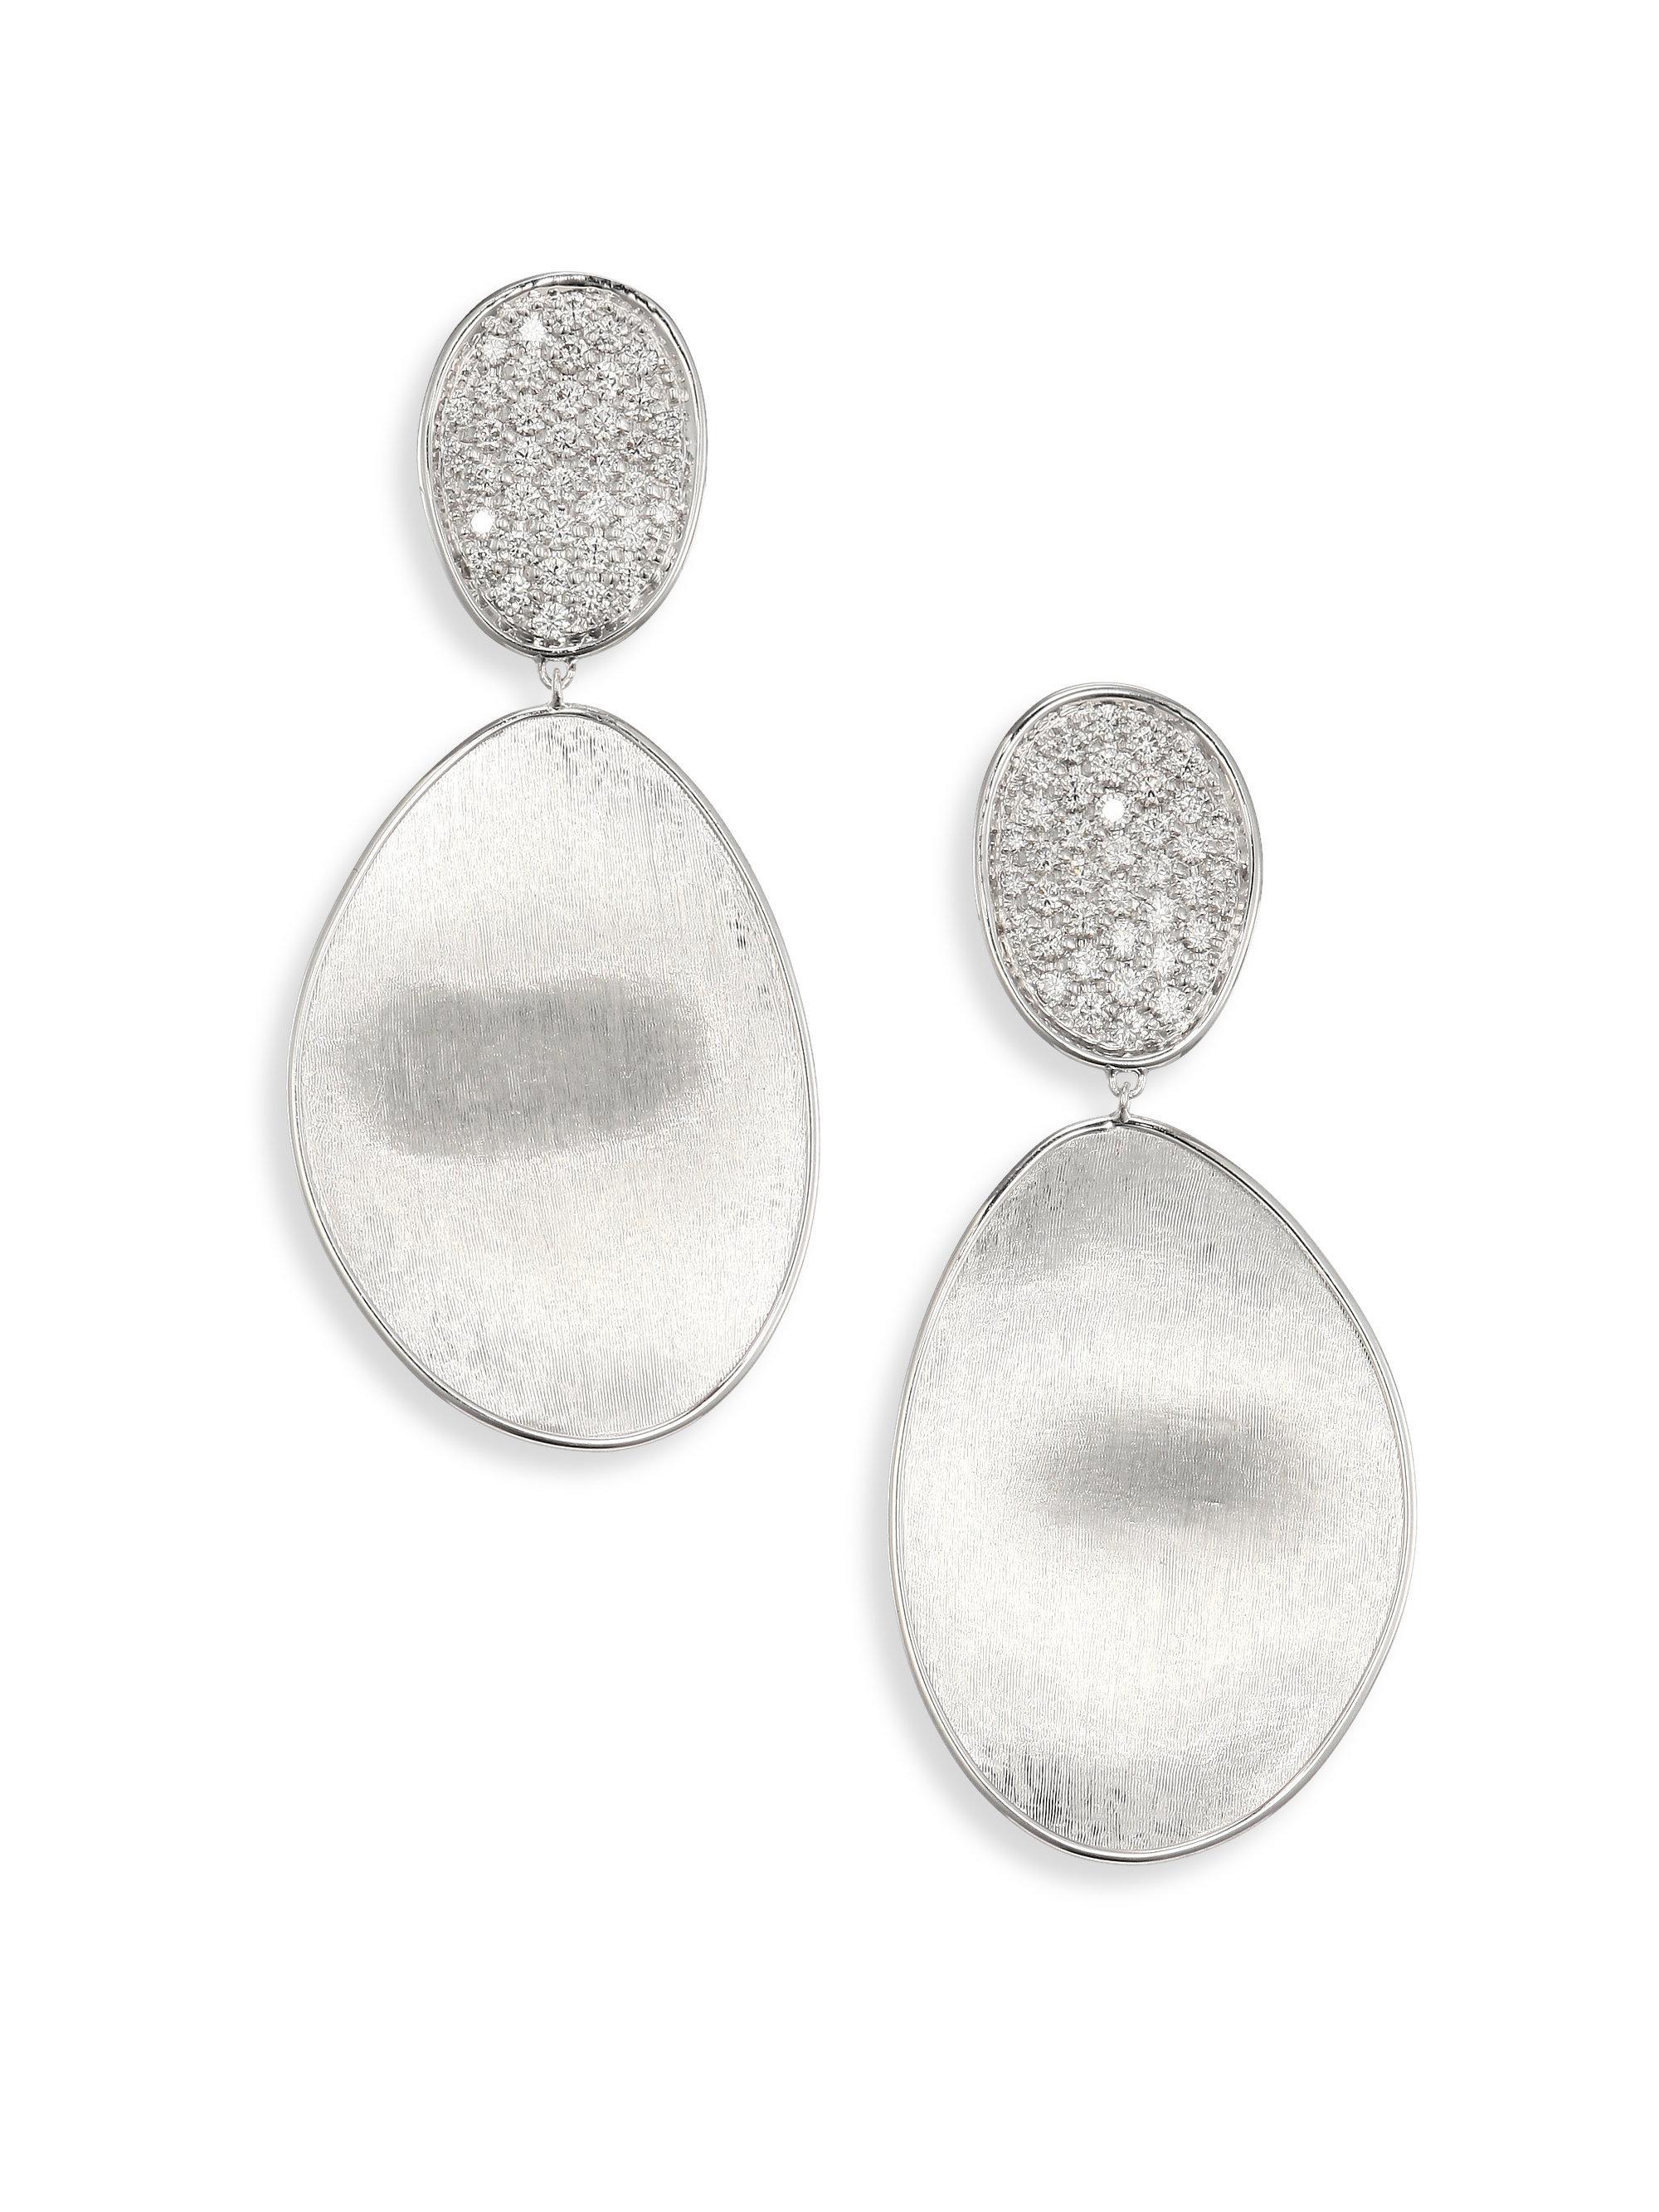 Marco Bicego Lunaria Two-Drop Diamond Earrings SNnoj0